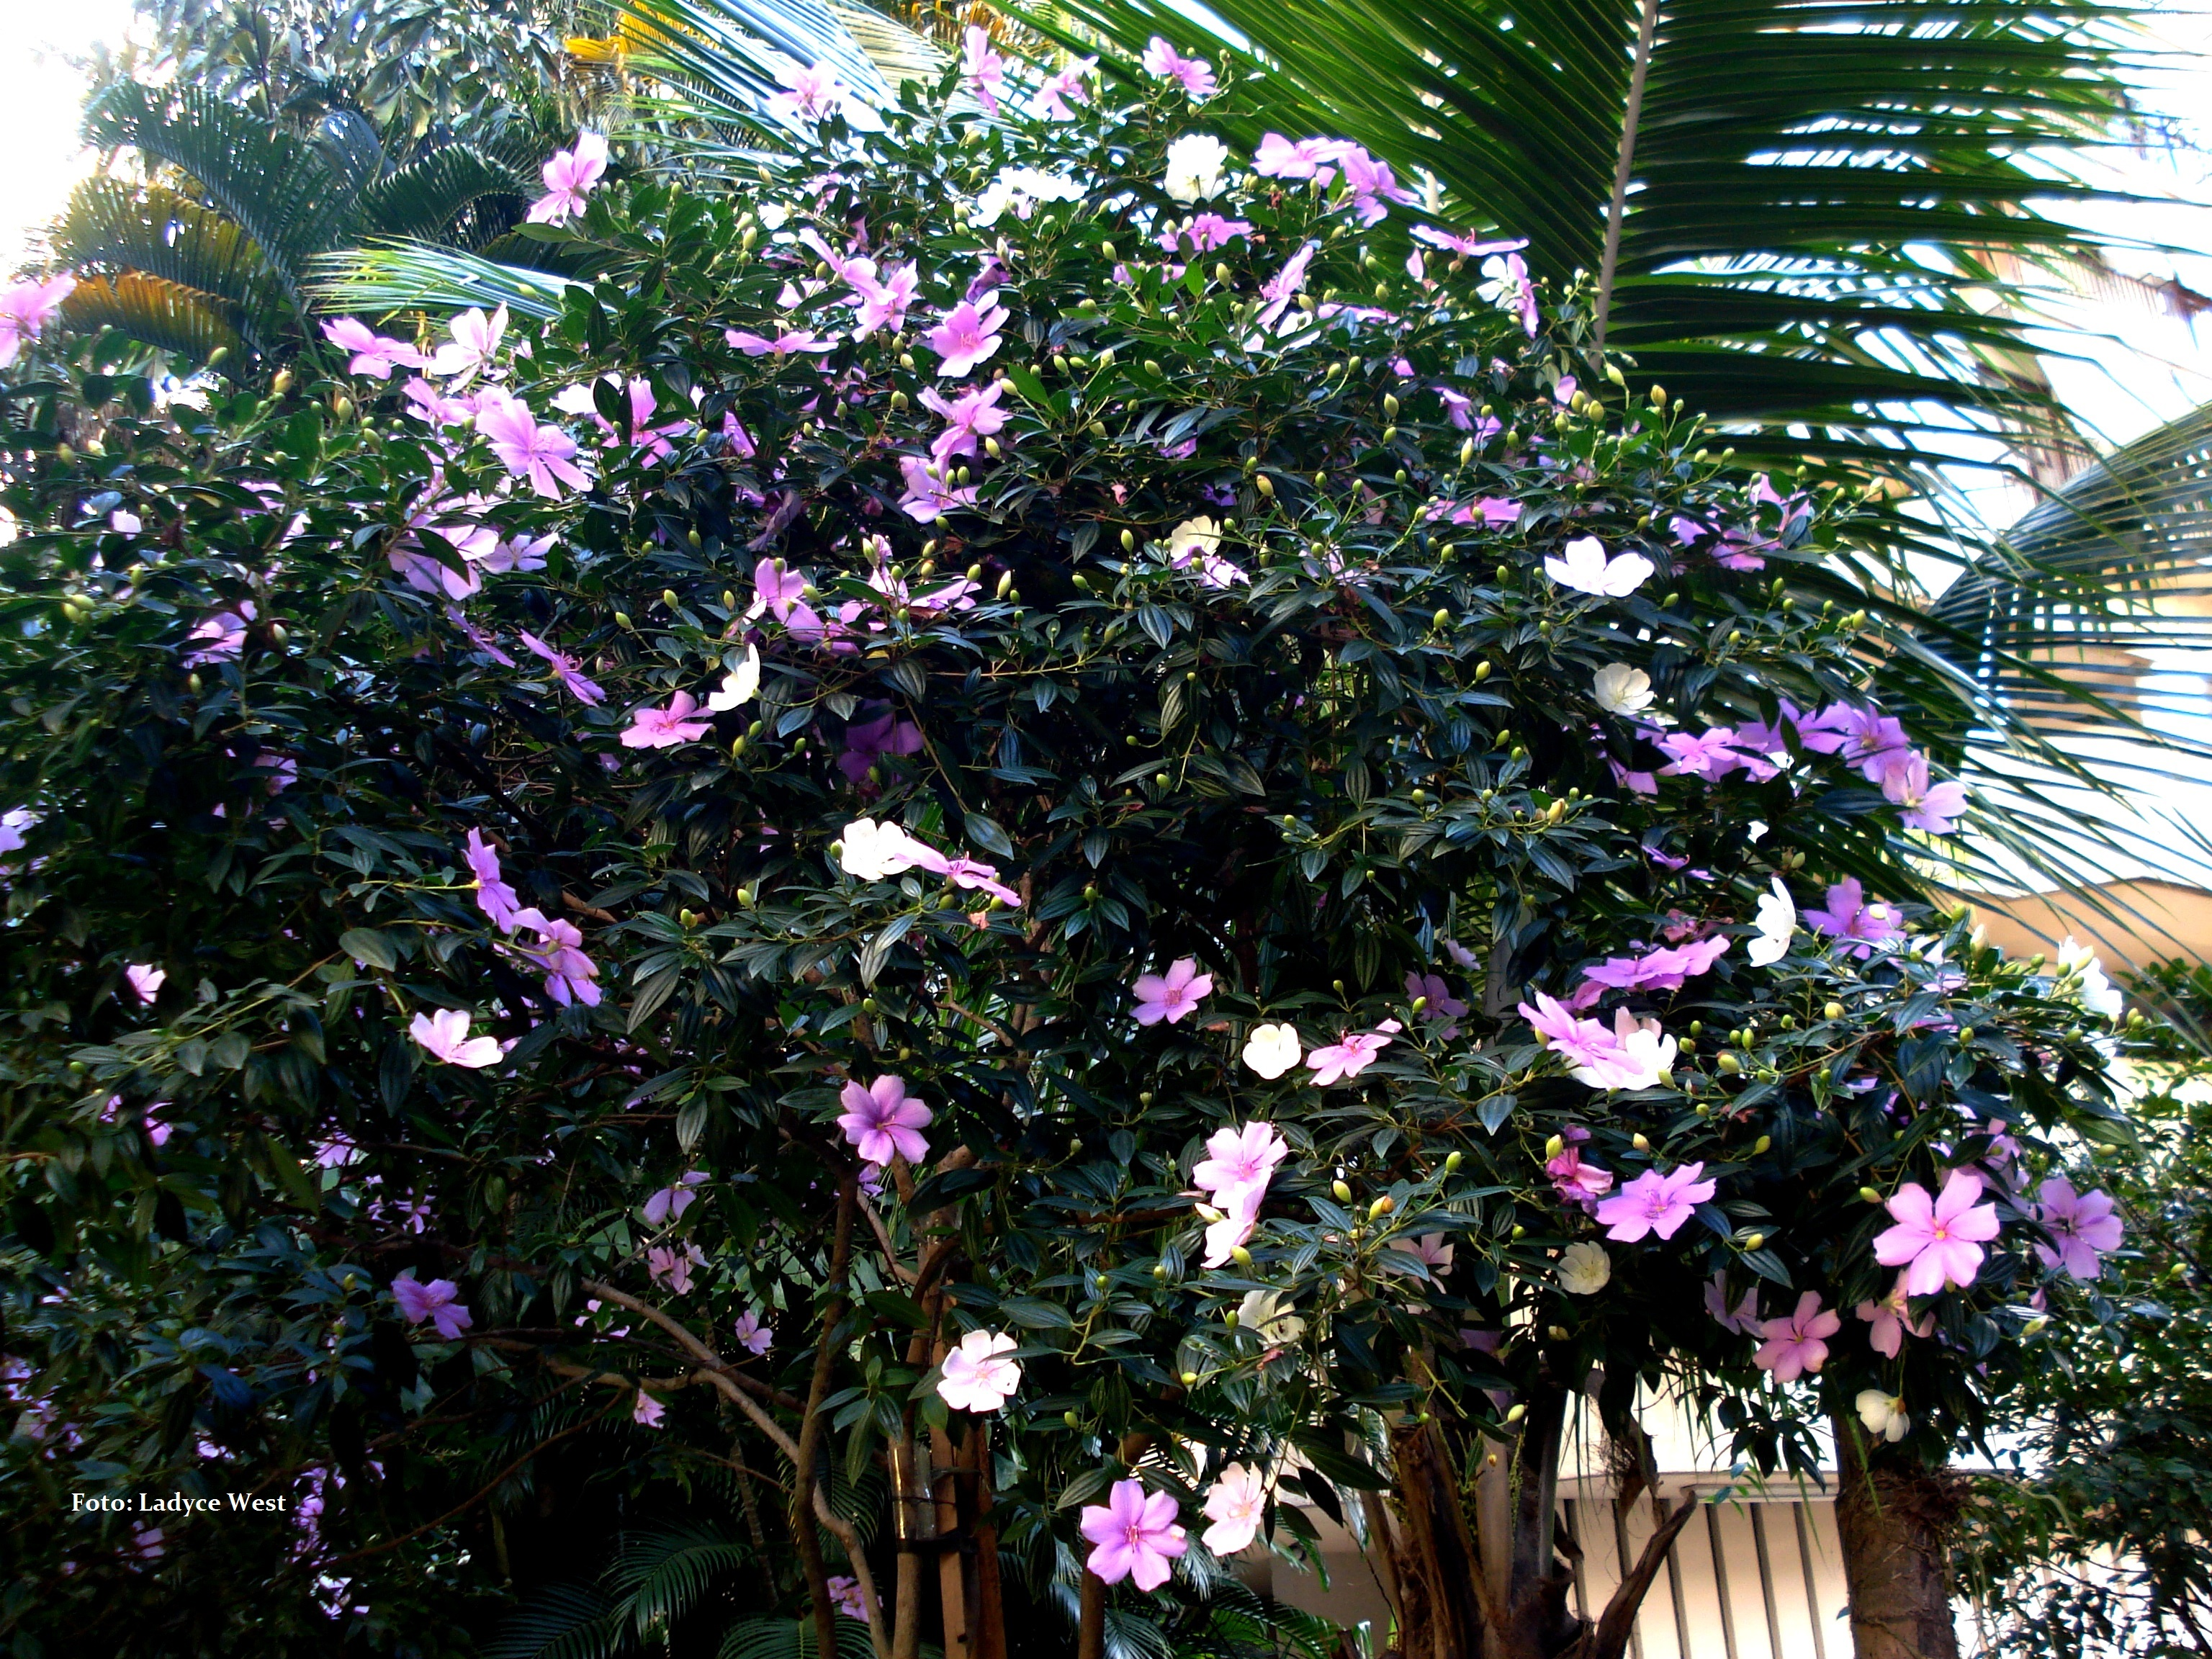 manaca de jardim em vaso : manaca de jardim em vaso:Manacá-da-serra, nos jardins de um edifício. Rio de Janeiro